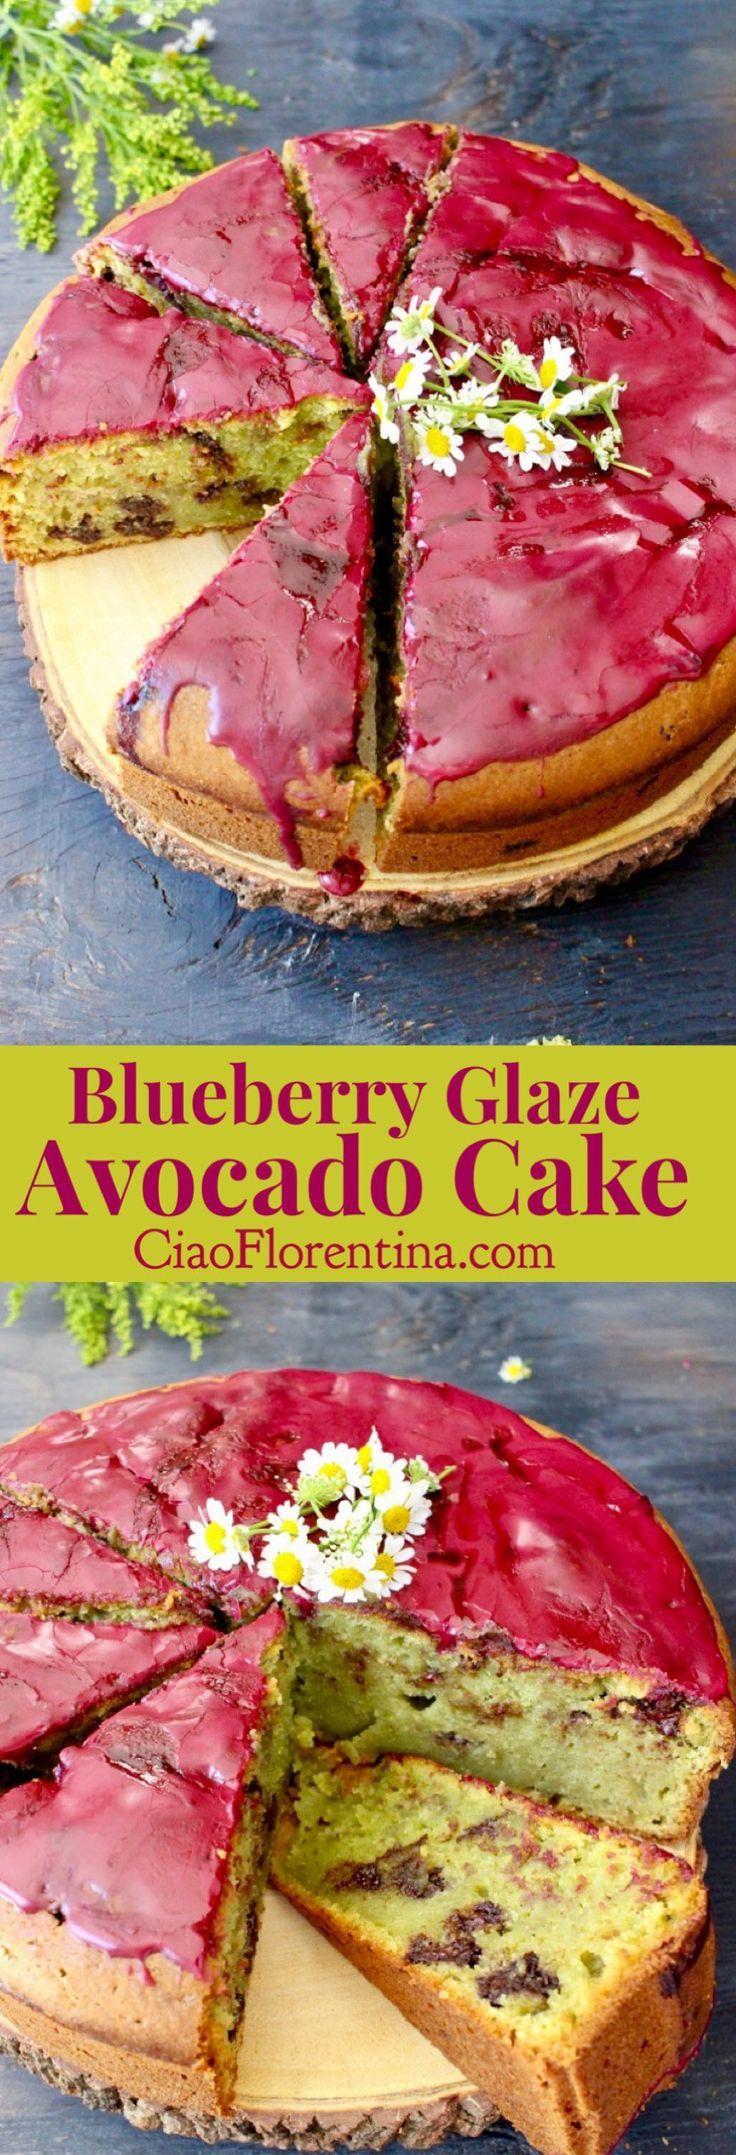 Blueberry Glaze Avocado Cake Recipe  with Ricotta and Olive Oil | CiaoFlorentina.com @CiaoFlorentina